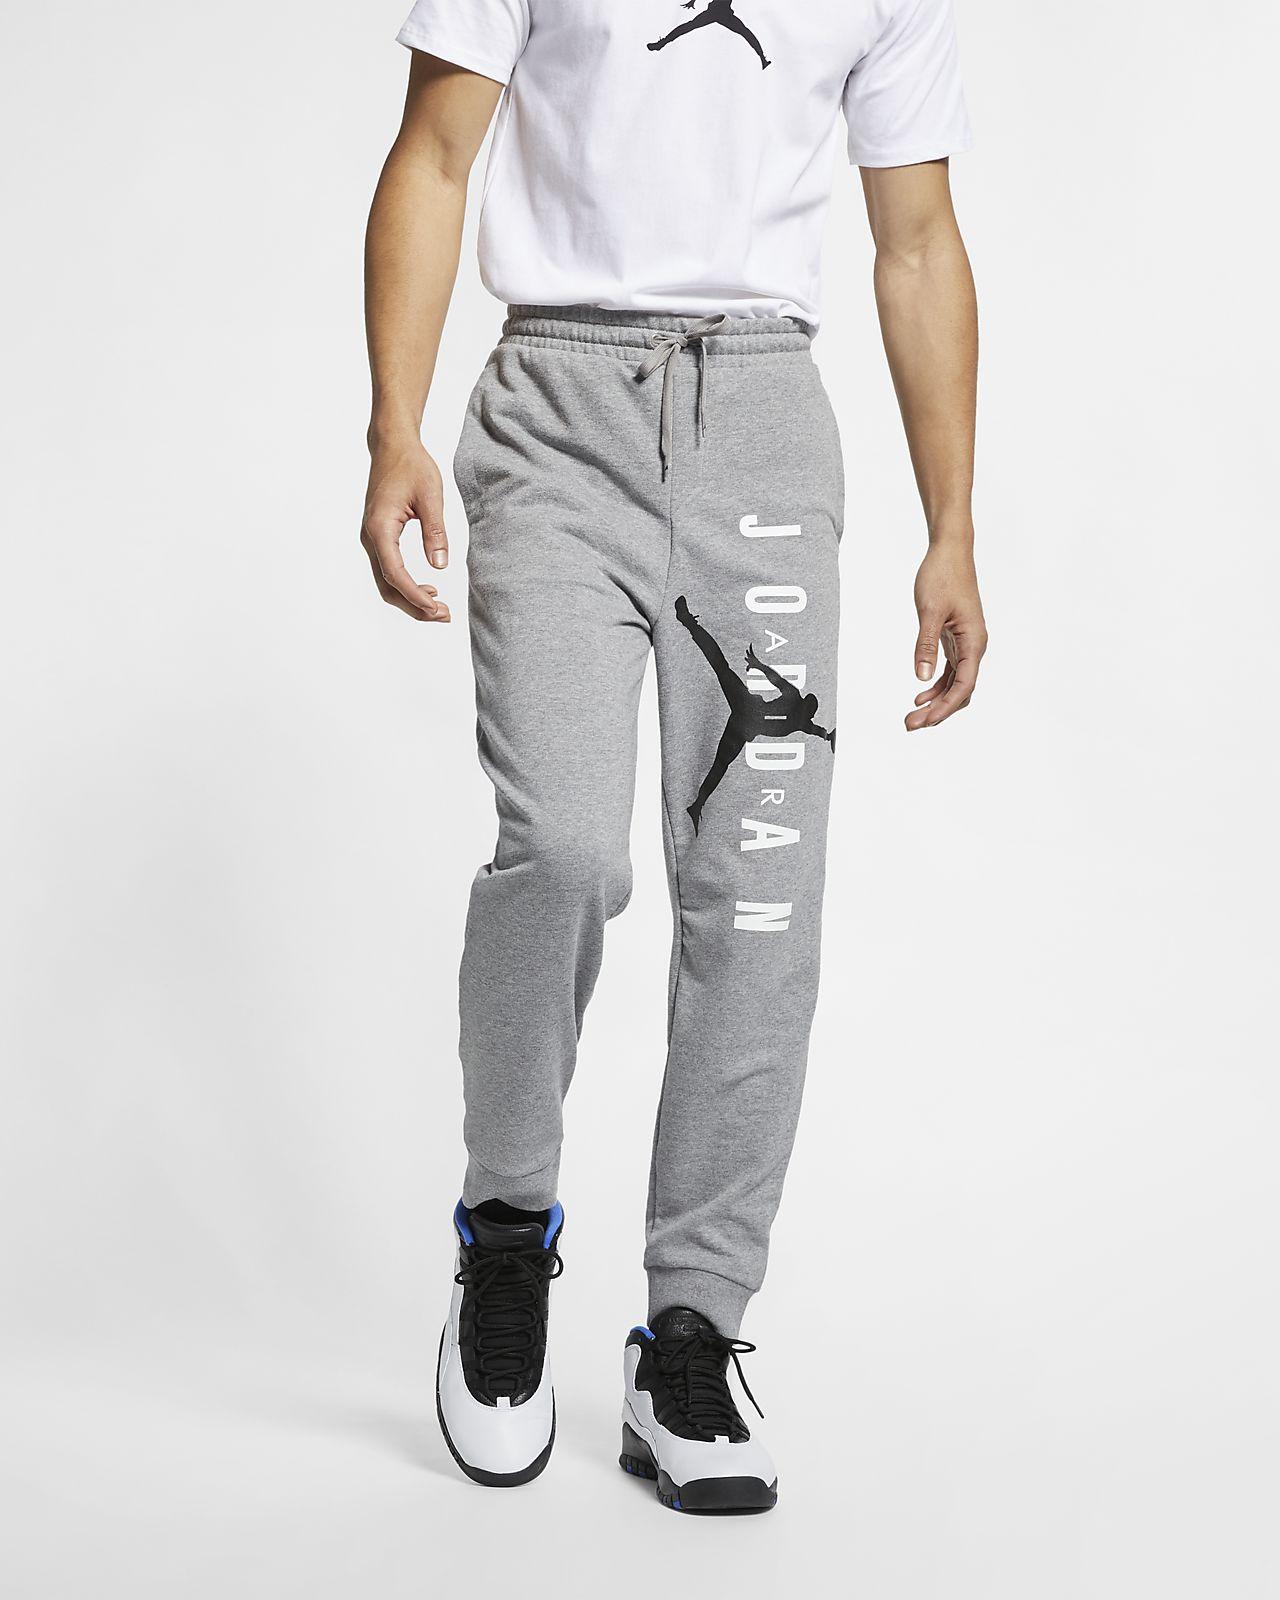 8d8786a6cc Pantaloni leggeri in fleece Jordan Jumpman Air - Uomo. Nike.com IT